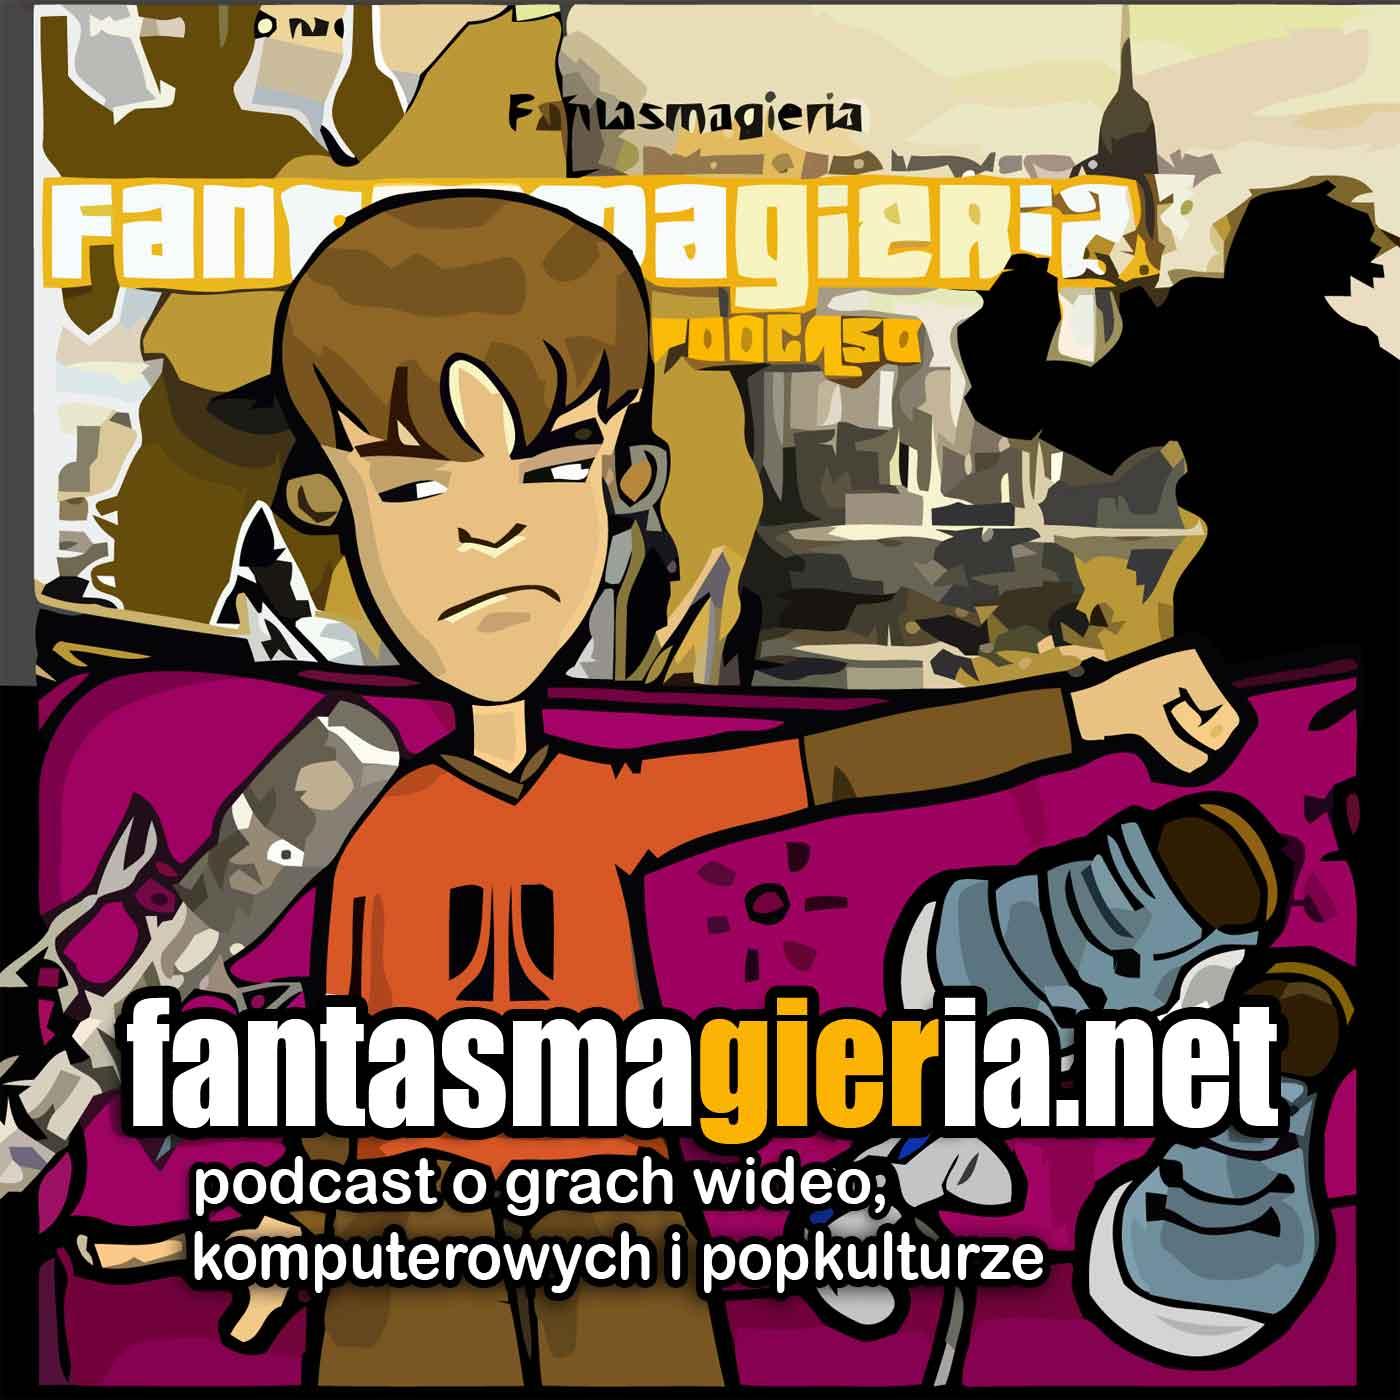 Fantasmagieria - podcast o grach wideo.